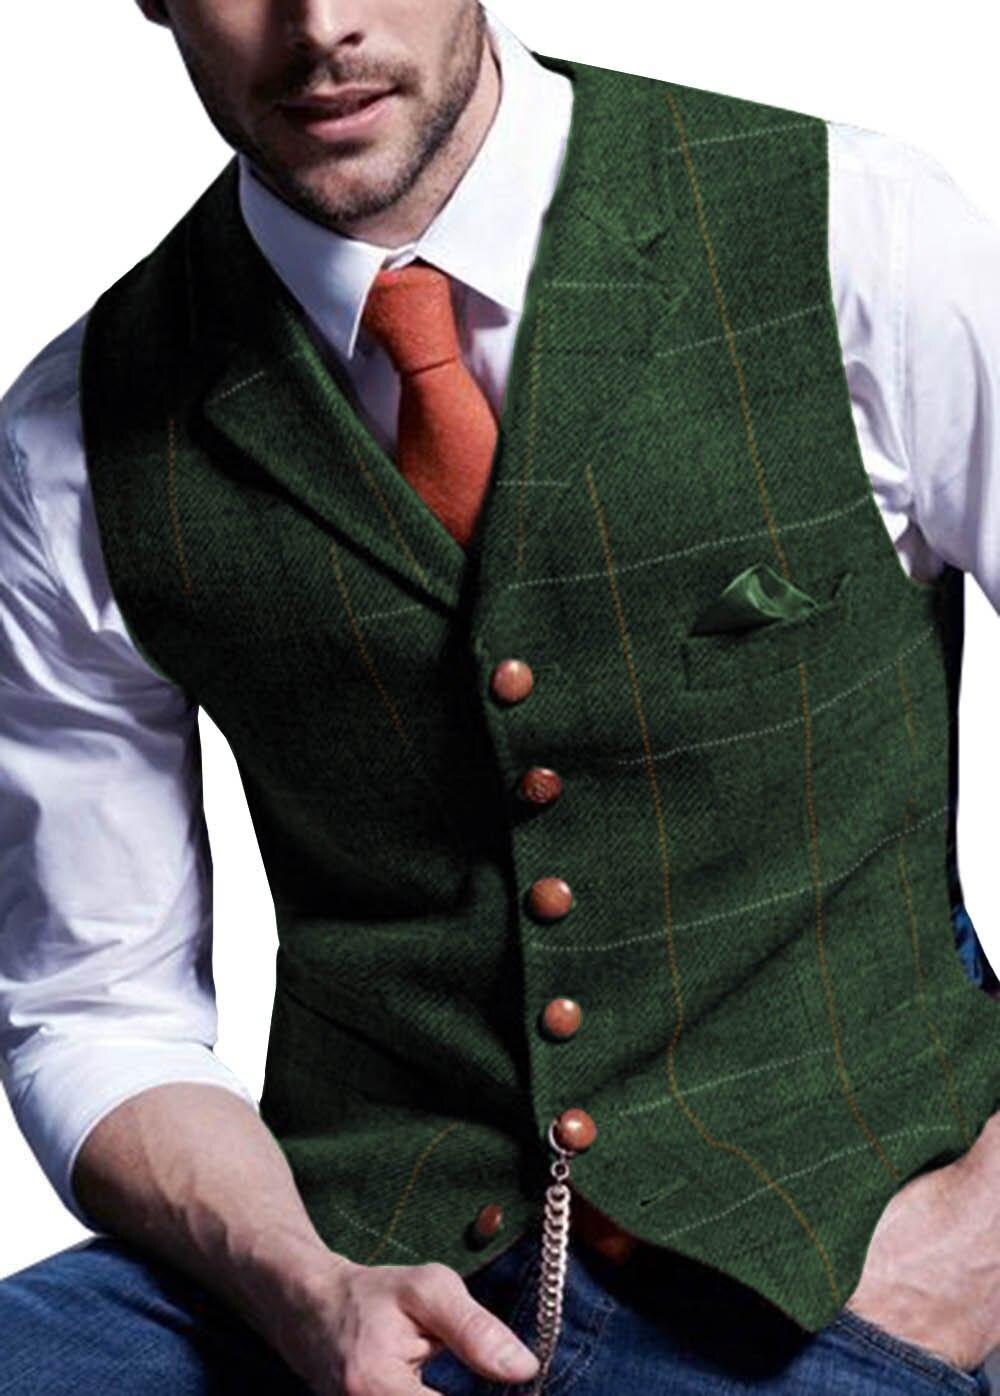 Mens-Suit-Vest-Notched-Plaid-Wool-Herringbone-Tweed-Waistcoat-Casual-Formal-Business-Groomman-For-Wedding-Green